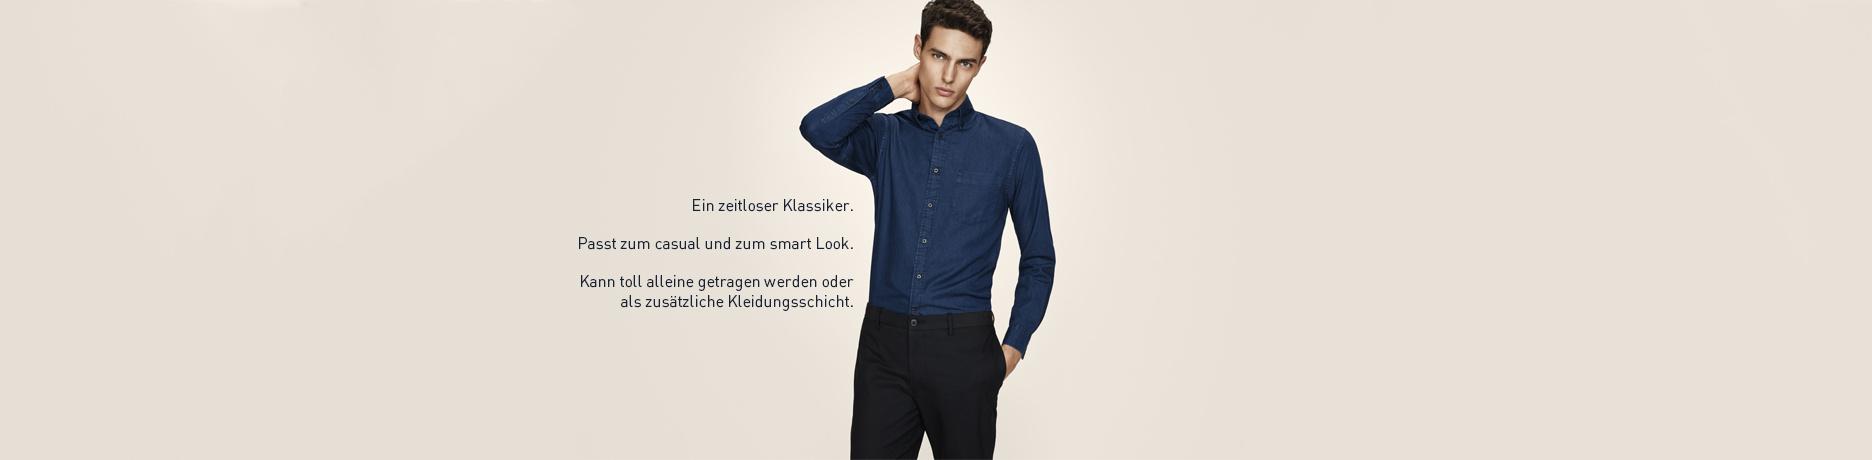 Jeanshemden